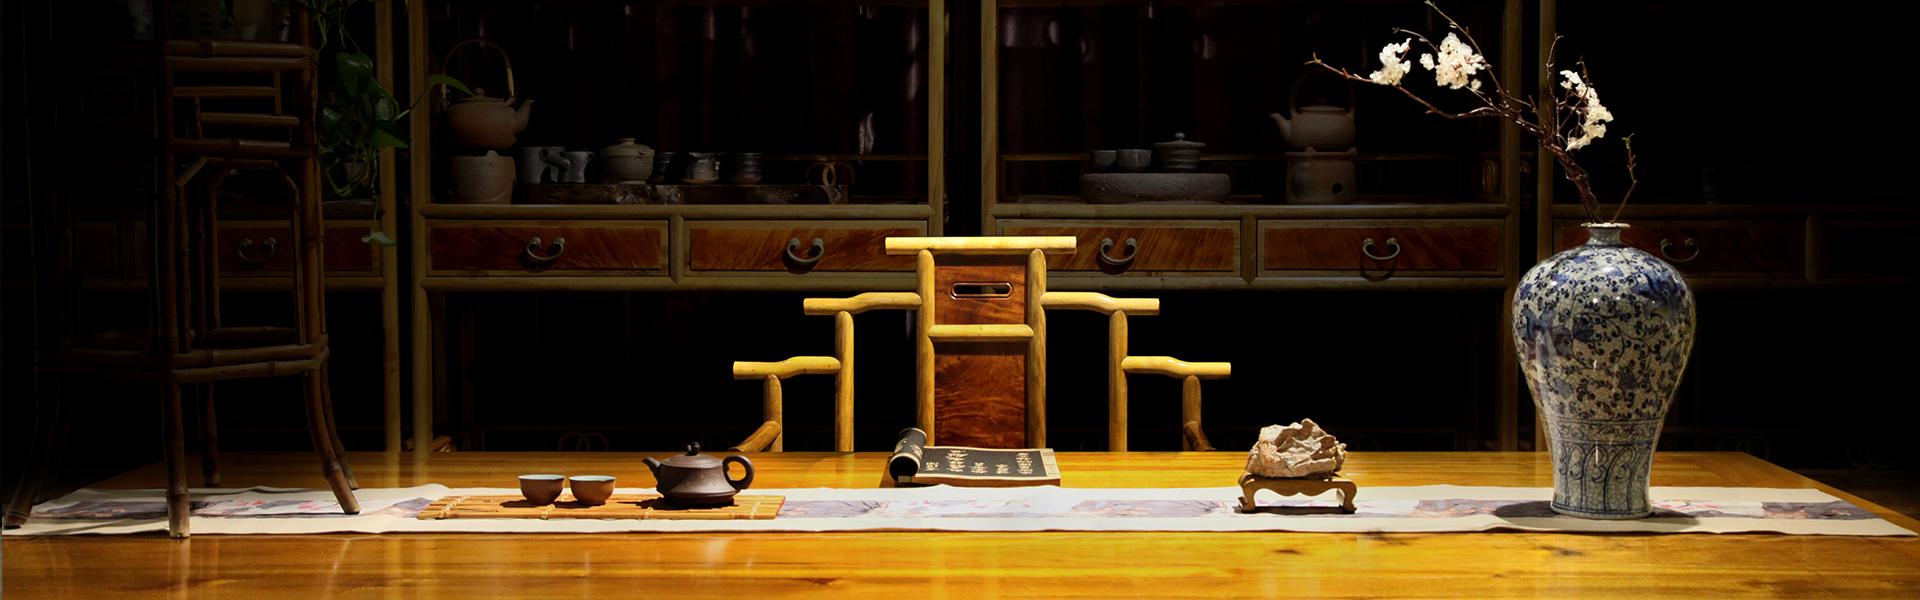 金丝楠的历史用途 历史上金丝楠木专用于皇家宫殿、少数寺庙的建筑和家具,帝王龙椅宝座也都要选用优质楠木制作。明清宫廷皇家用材在四川采集。  目前金丝楠木家具料的区分 金丝楠木在业界,分为新料,老料,阴沉料。还有一种是介于老料和新料的,就做老山根料(困山料),实质上也就是枯木料。